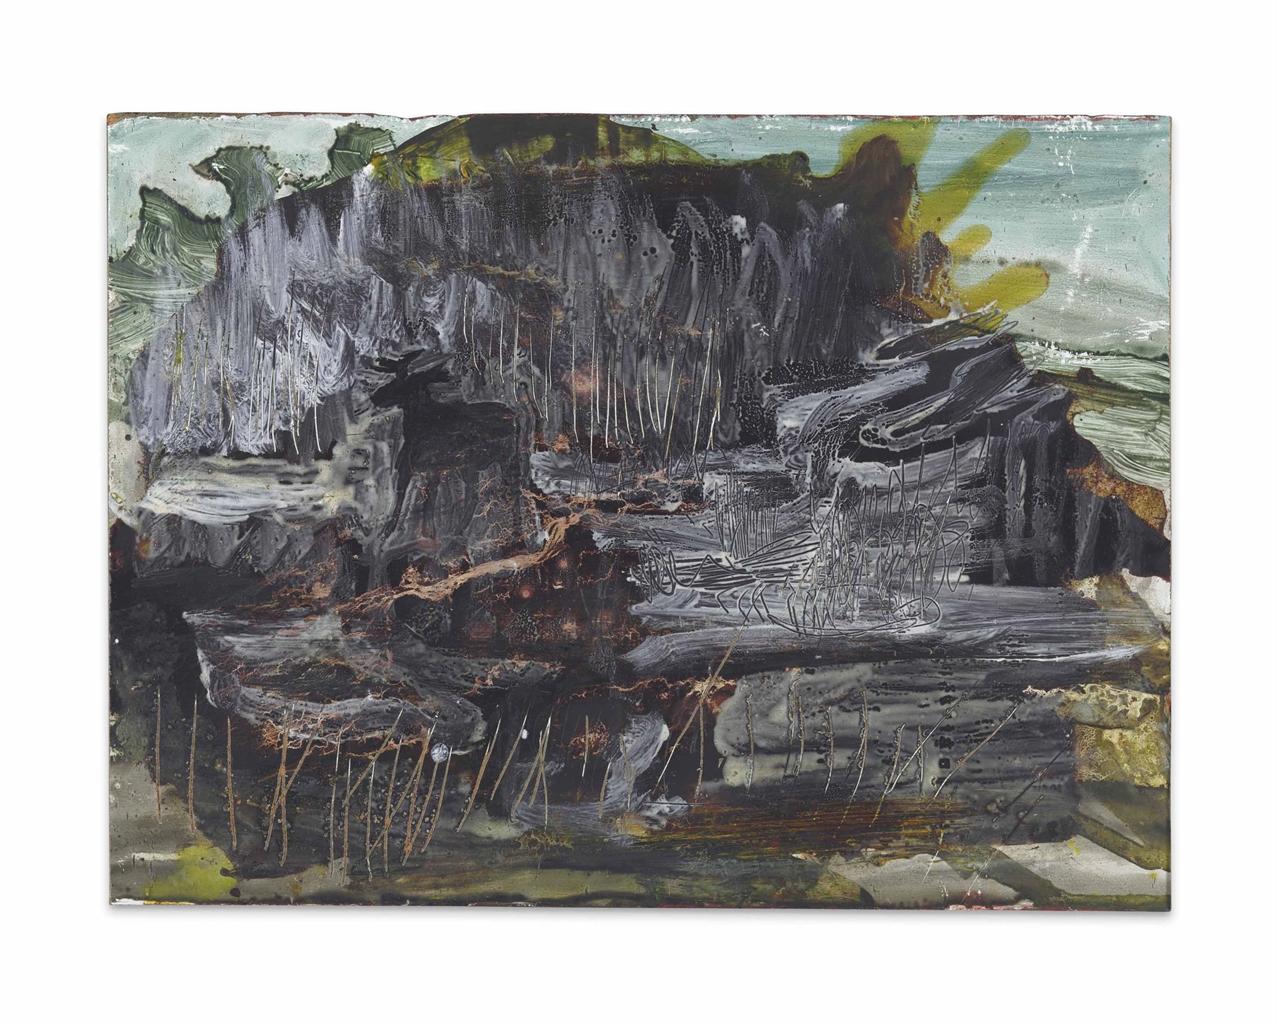 Peter Doig-Animal Landscape-1989